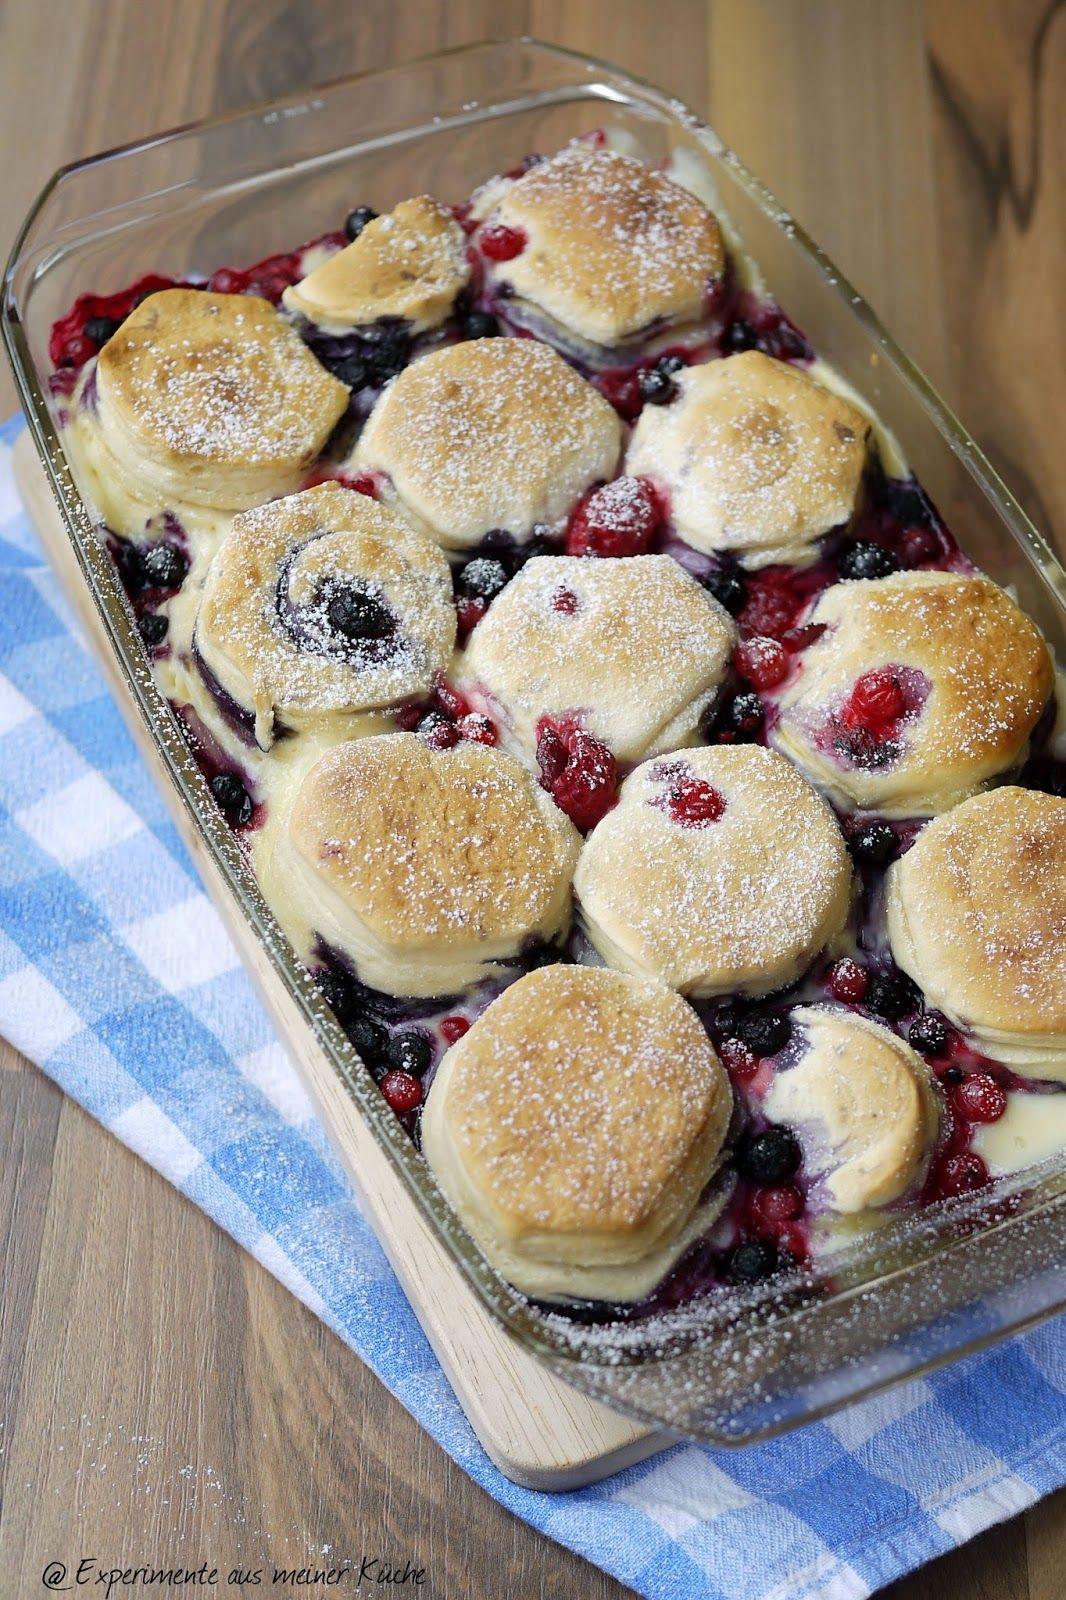 Brötchen-Vanille-Auflauf mit Beeren | Food, Brunch and Lunch box ideas